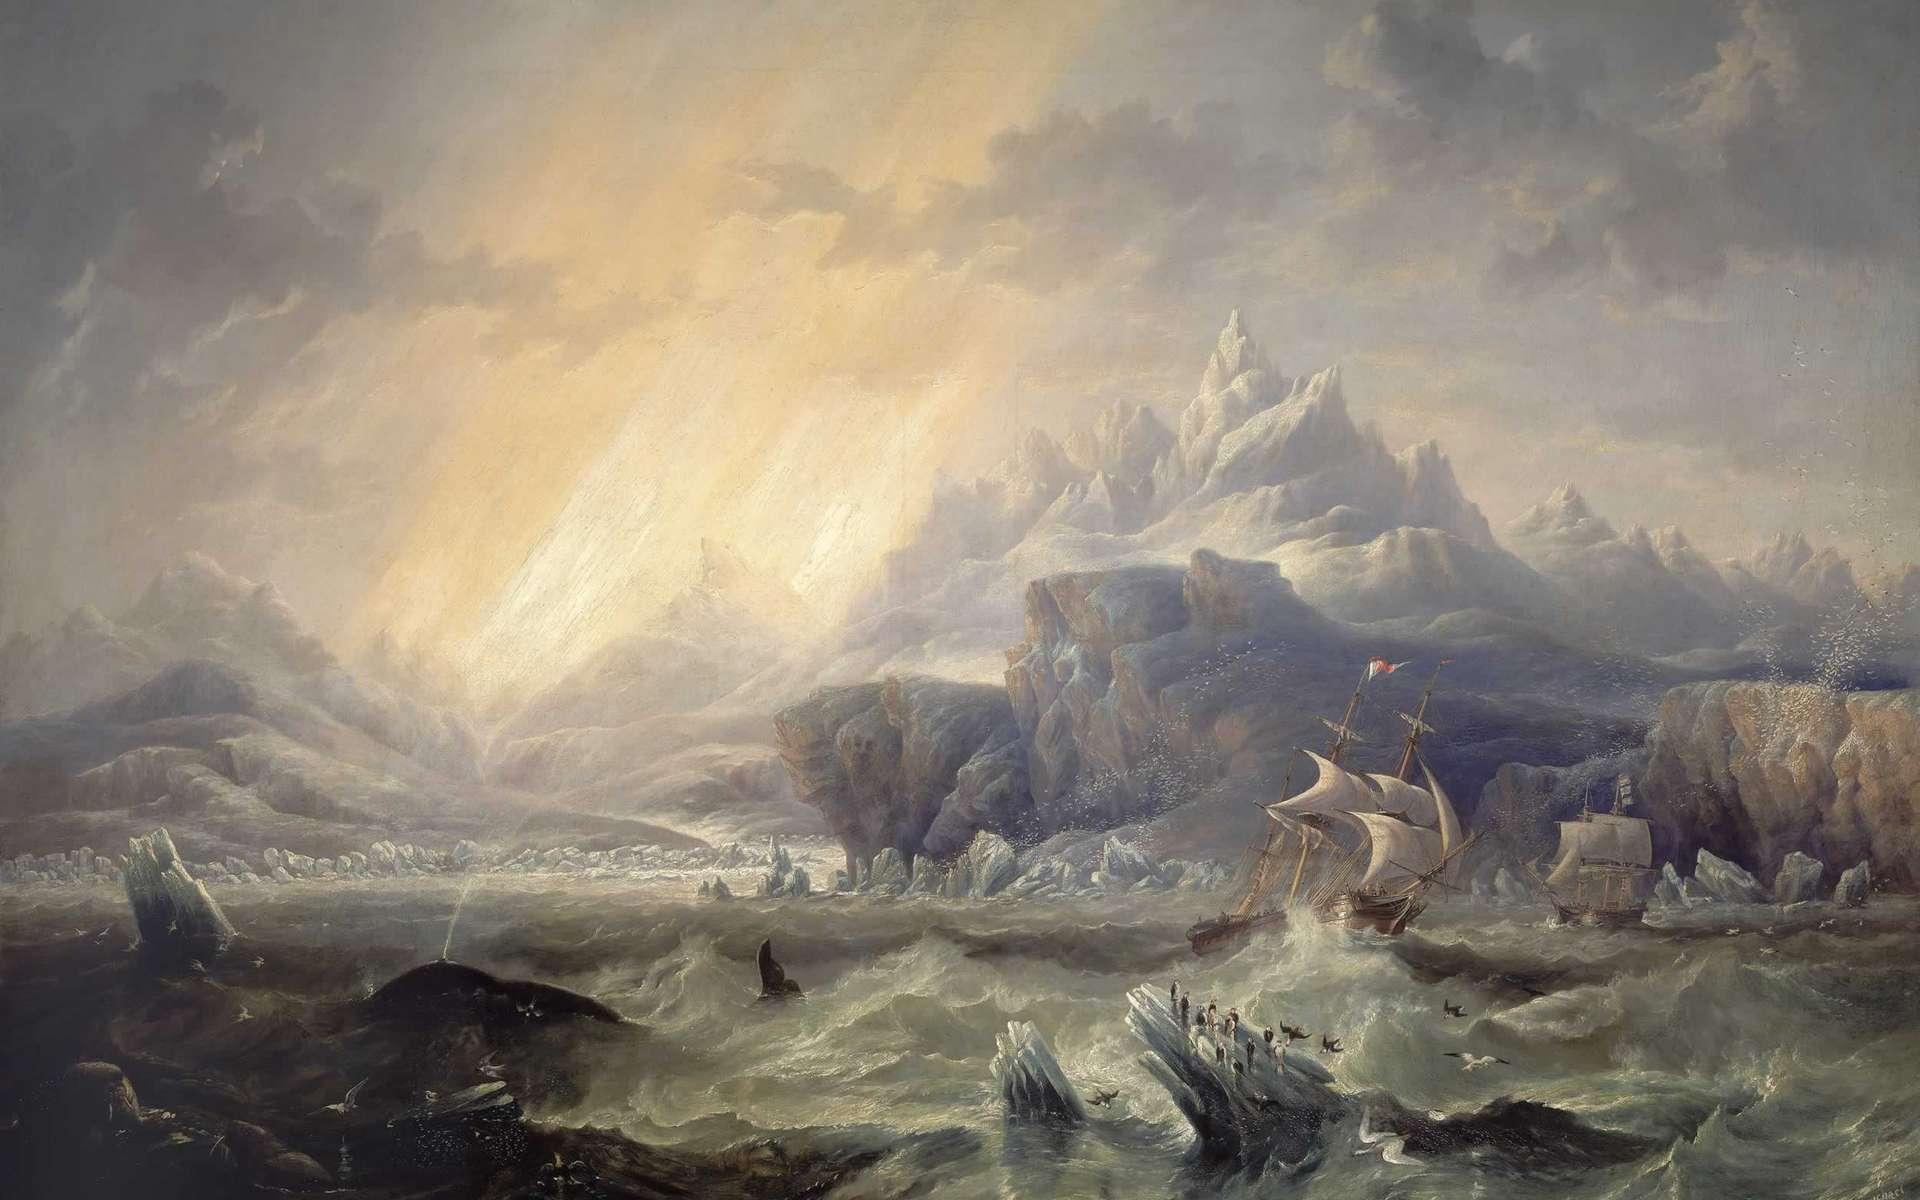 Chasseurs de sciences, épisode 3 : La baie de la Terreur, sort tragique en Arctique